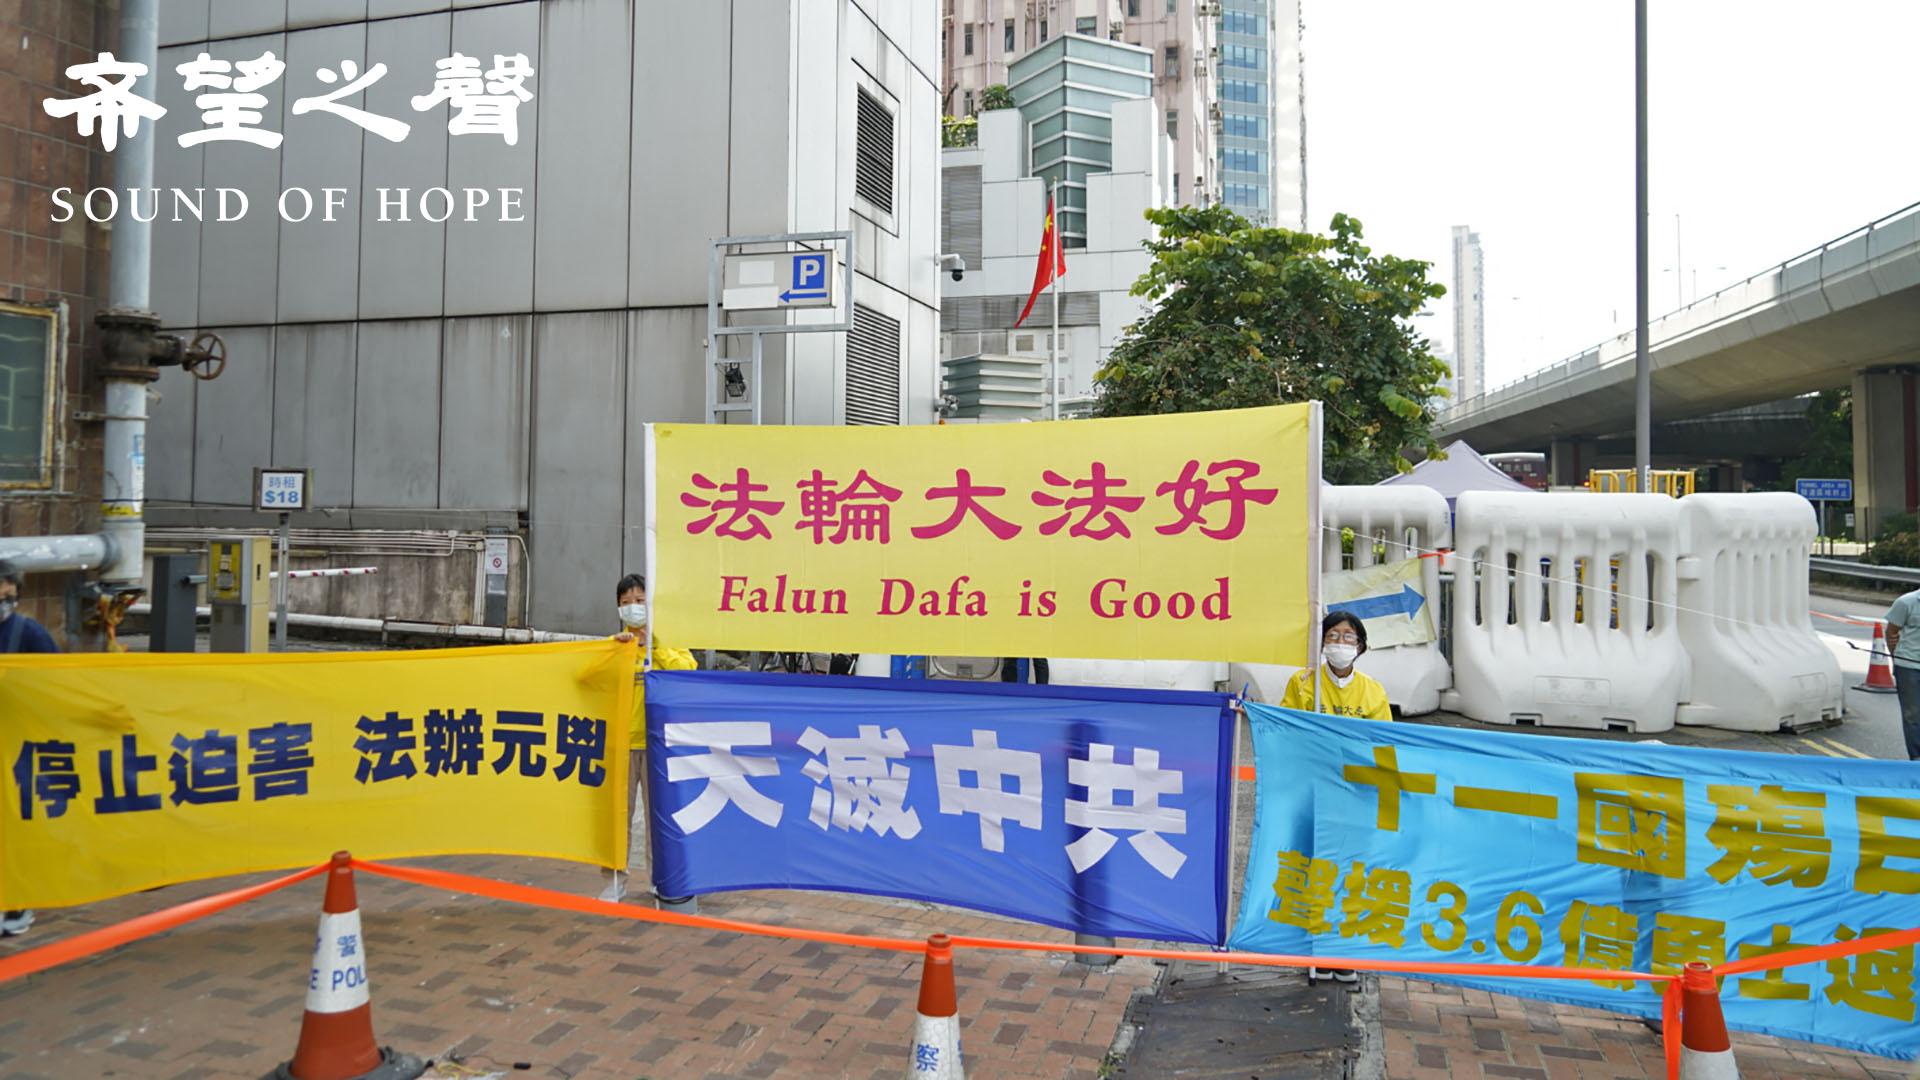 香港法輪功學員在中聯辦外打出「法輪大法好」、「十一國殤日」、「天滅中共」等橫幅。(鄭銘/SOH)